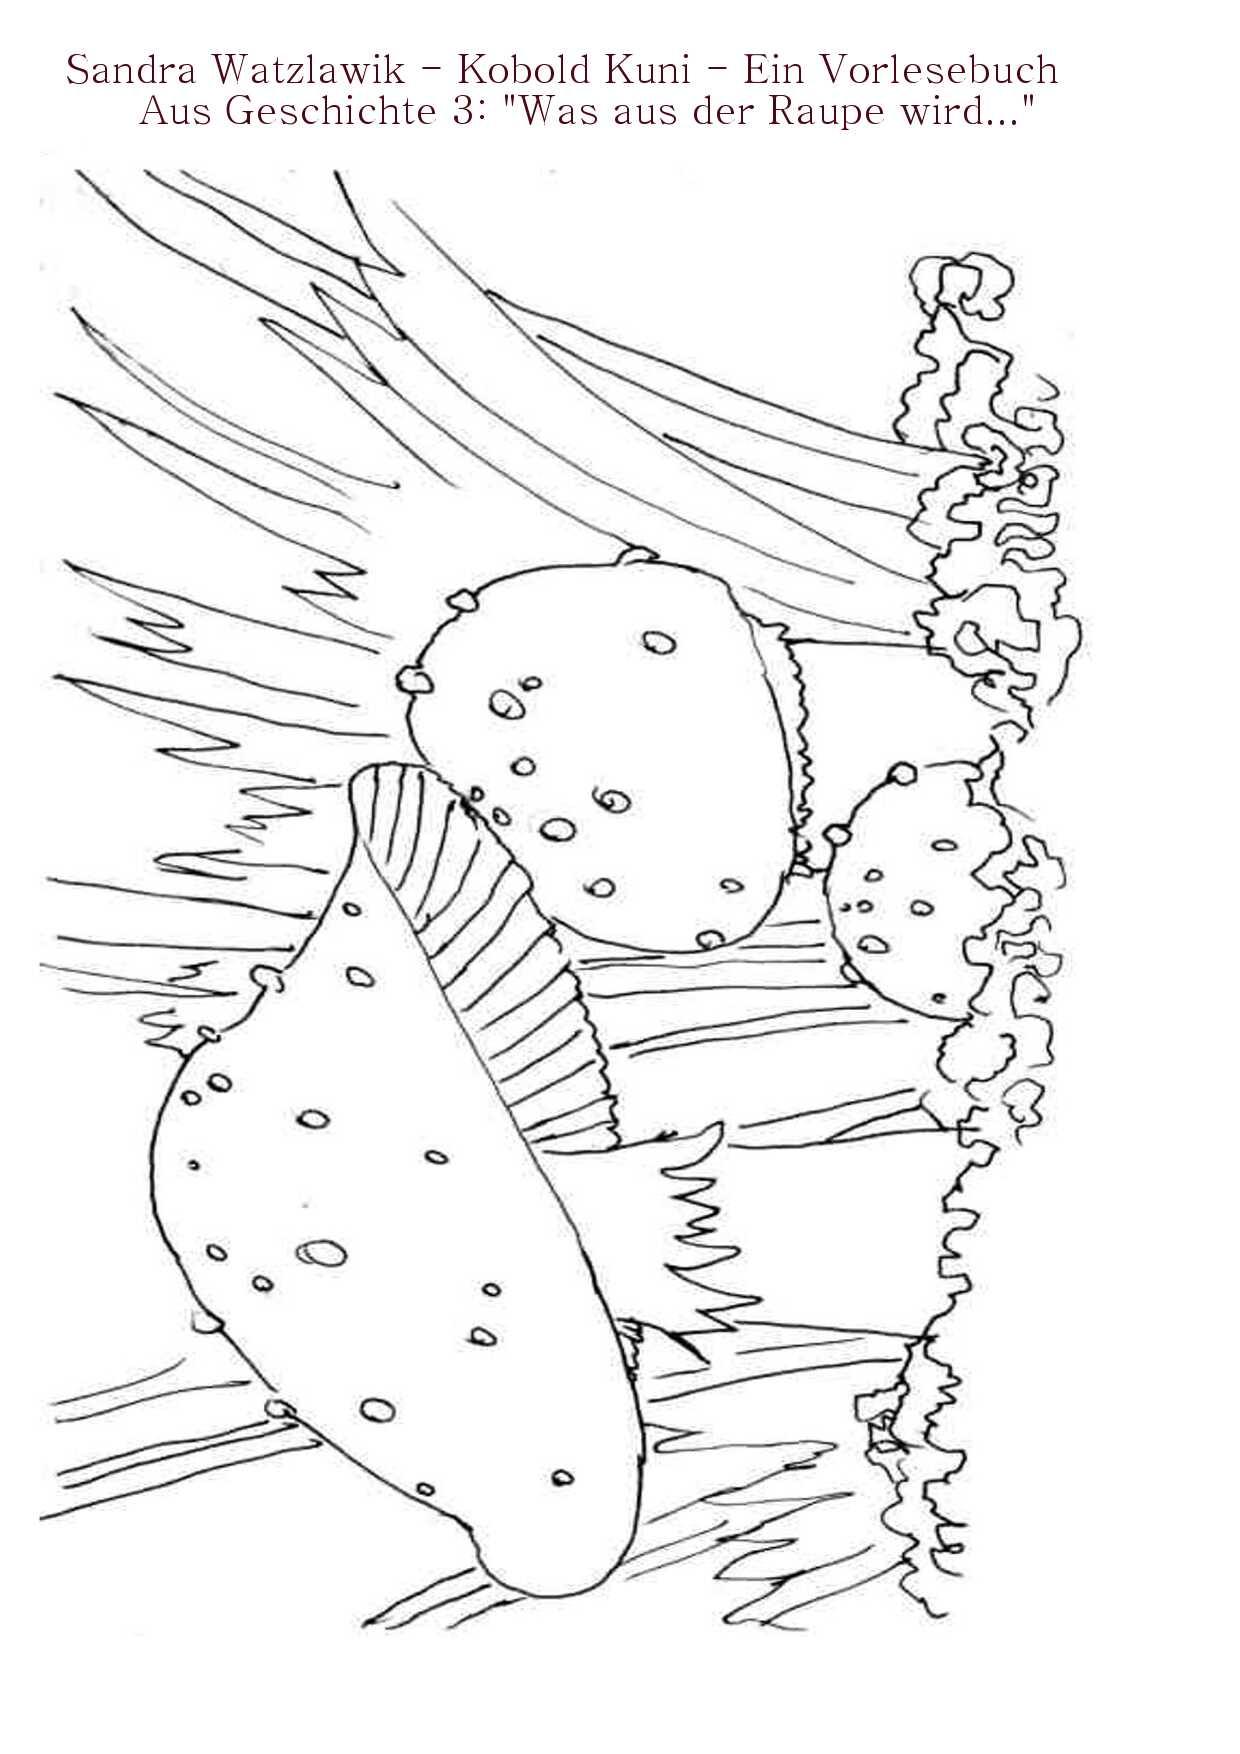 Die Seite zum Kinderbuch Kobold Kuni - Spiel und Spass